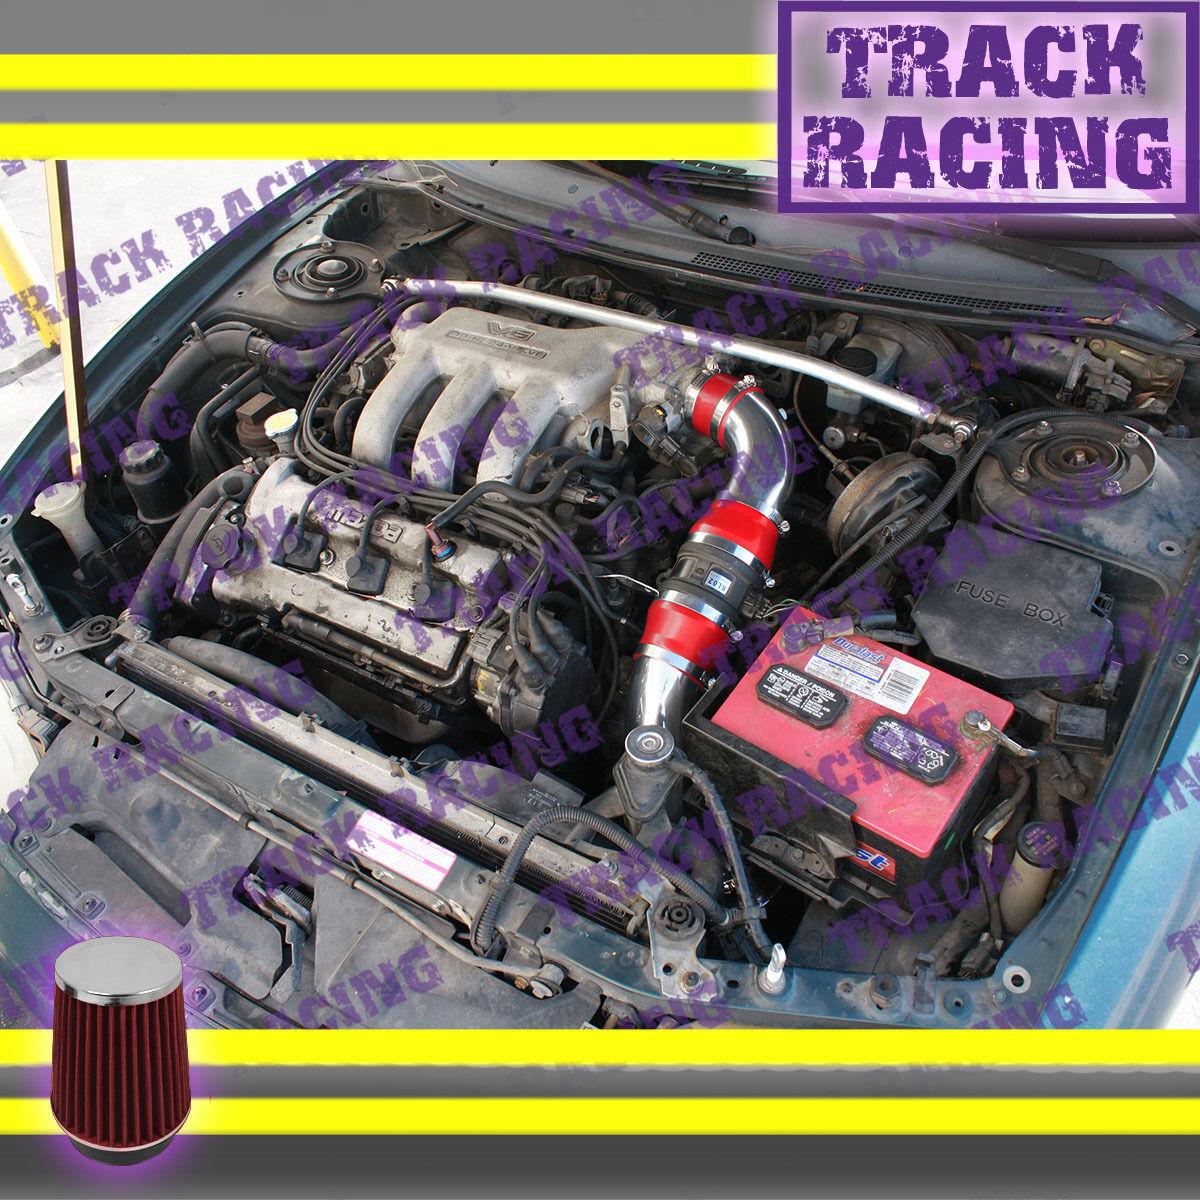 93 94 95 96 97 ford probe gt mazda mx6 626 2 5l v6 cold air intake kit red